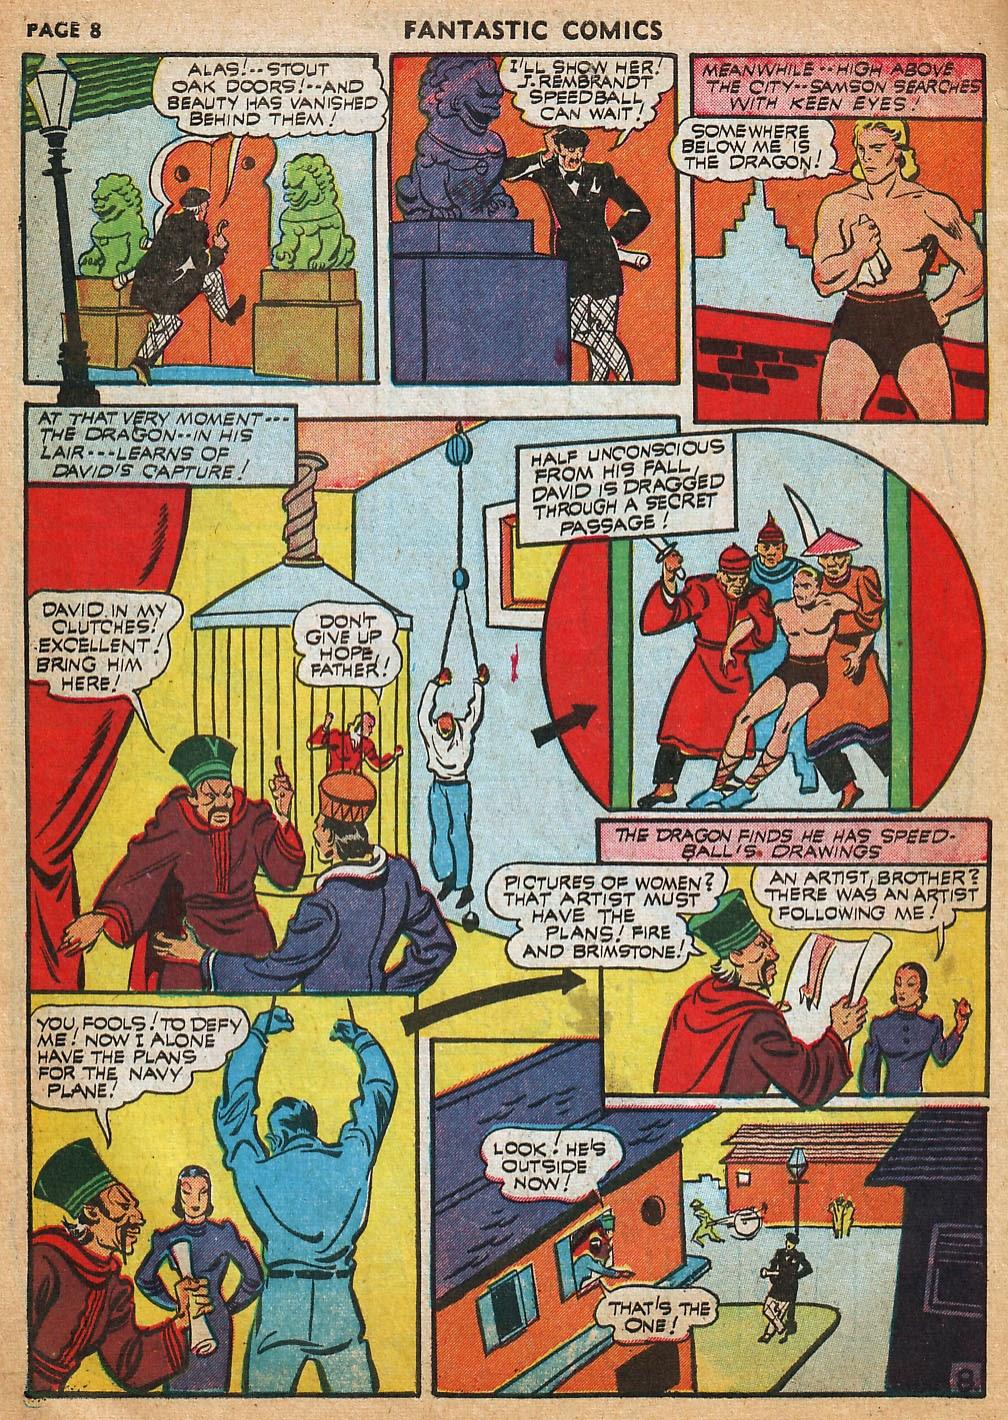 Read online Fantastic Comics comic -  Issue #22 - 10